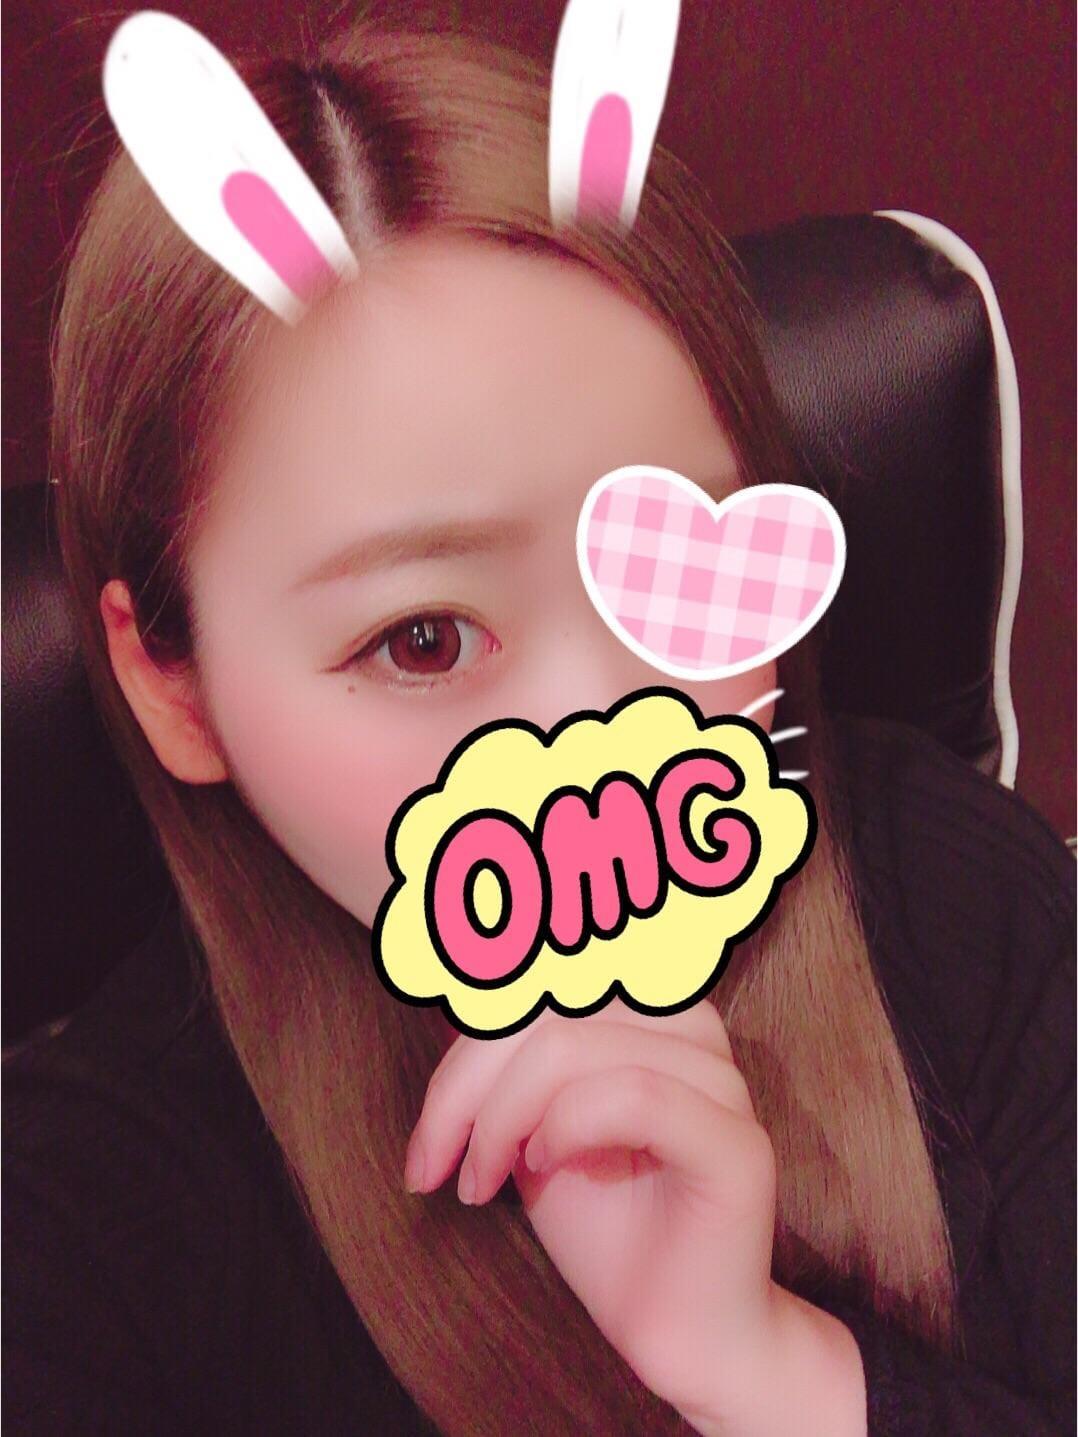 みゆ ロリ系美少女「こんばんは♡」11/13(火) 19:46 | みゆ ロリ系美少女の写メ・風俗動画